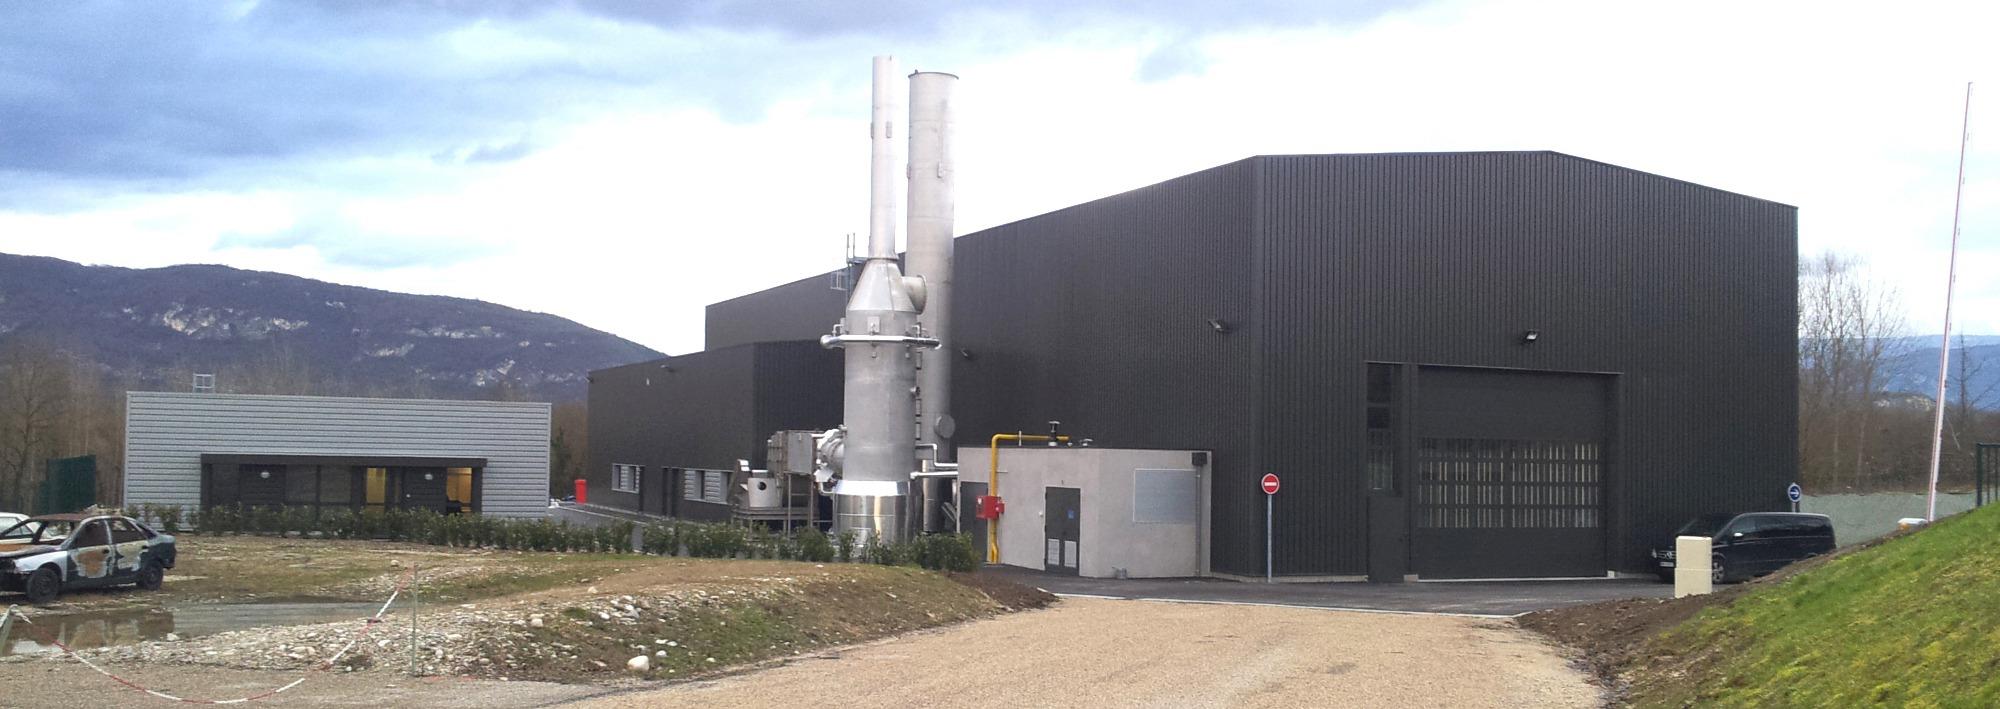 EFECTIS-FRANCE-Les-Avenières-38-Construction-centre-d-essais